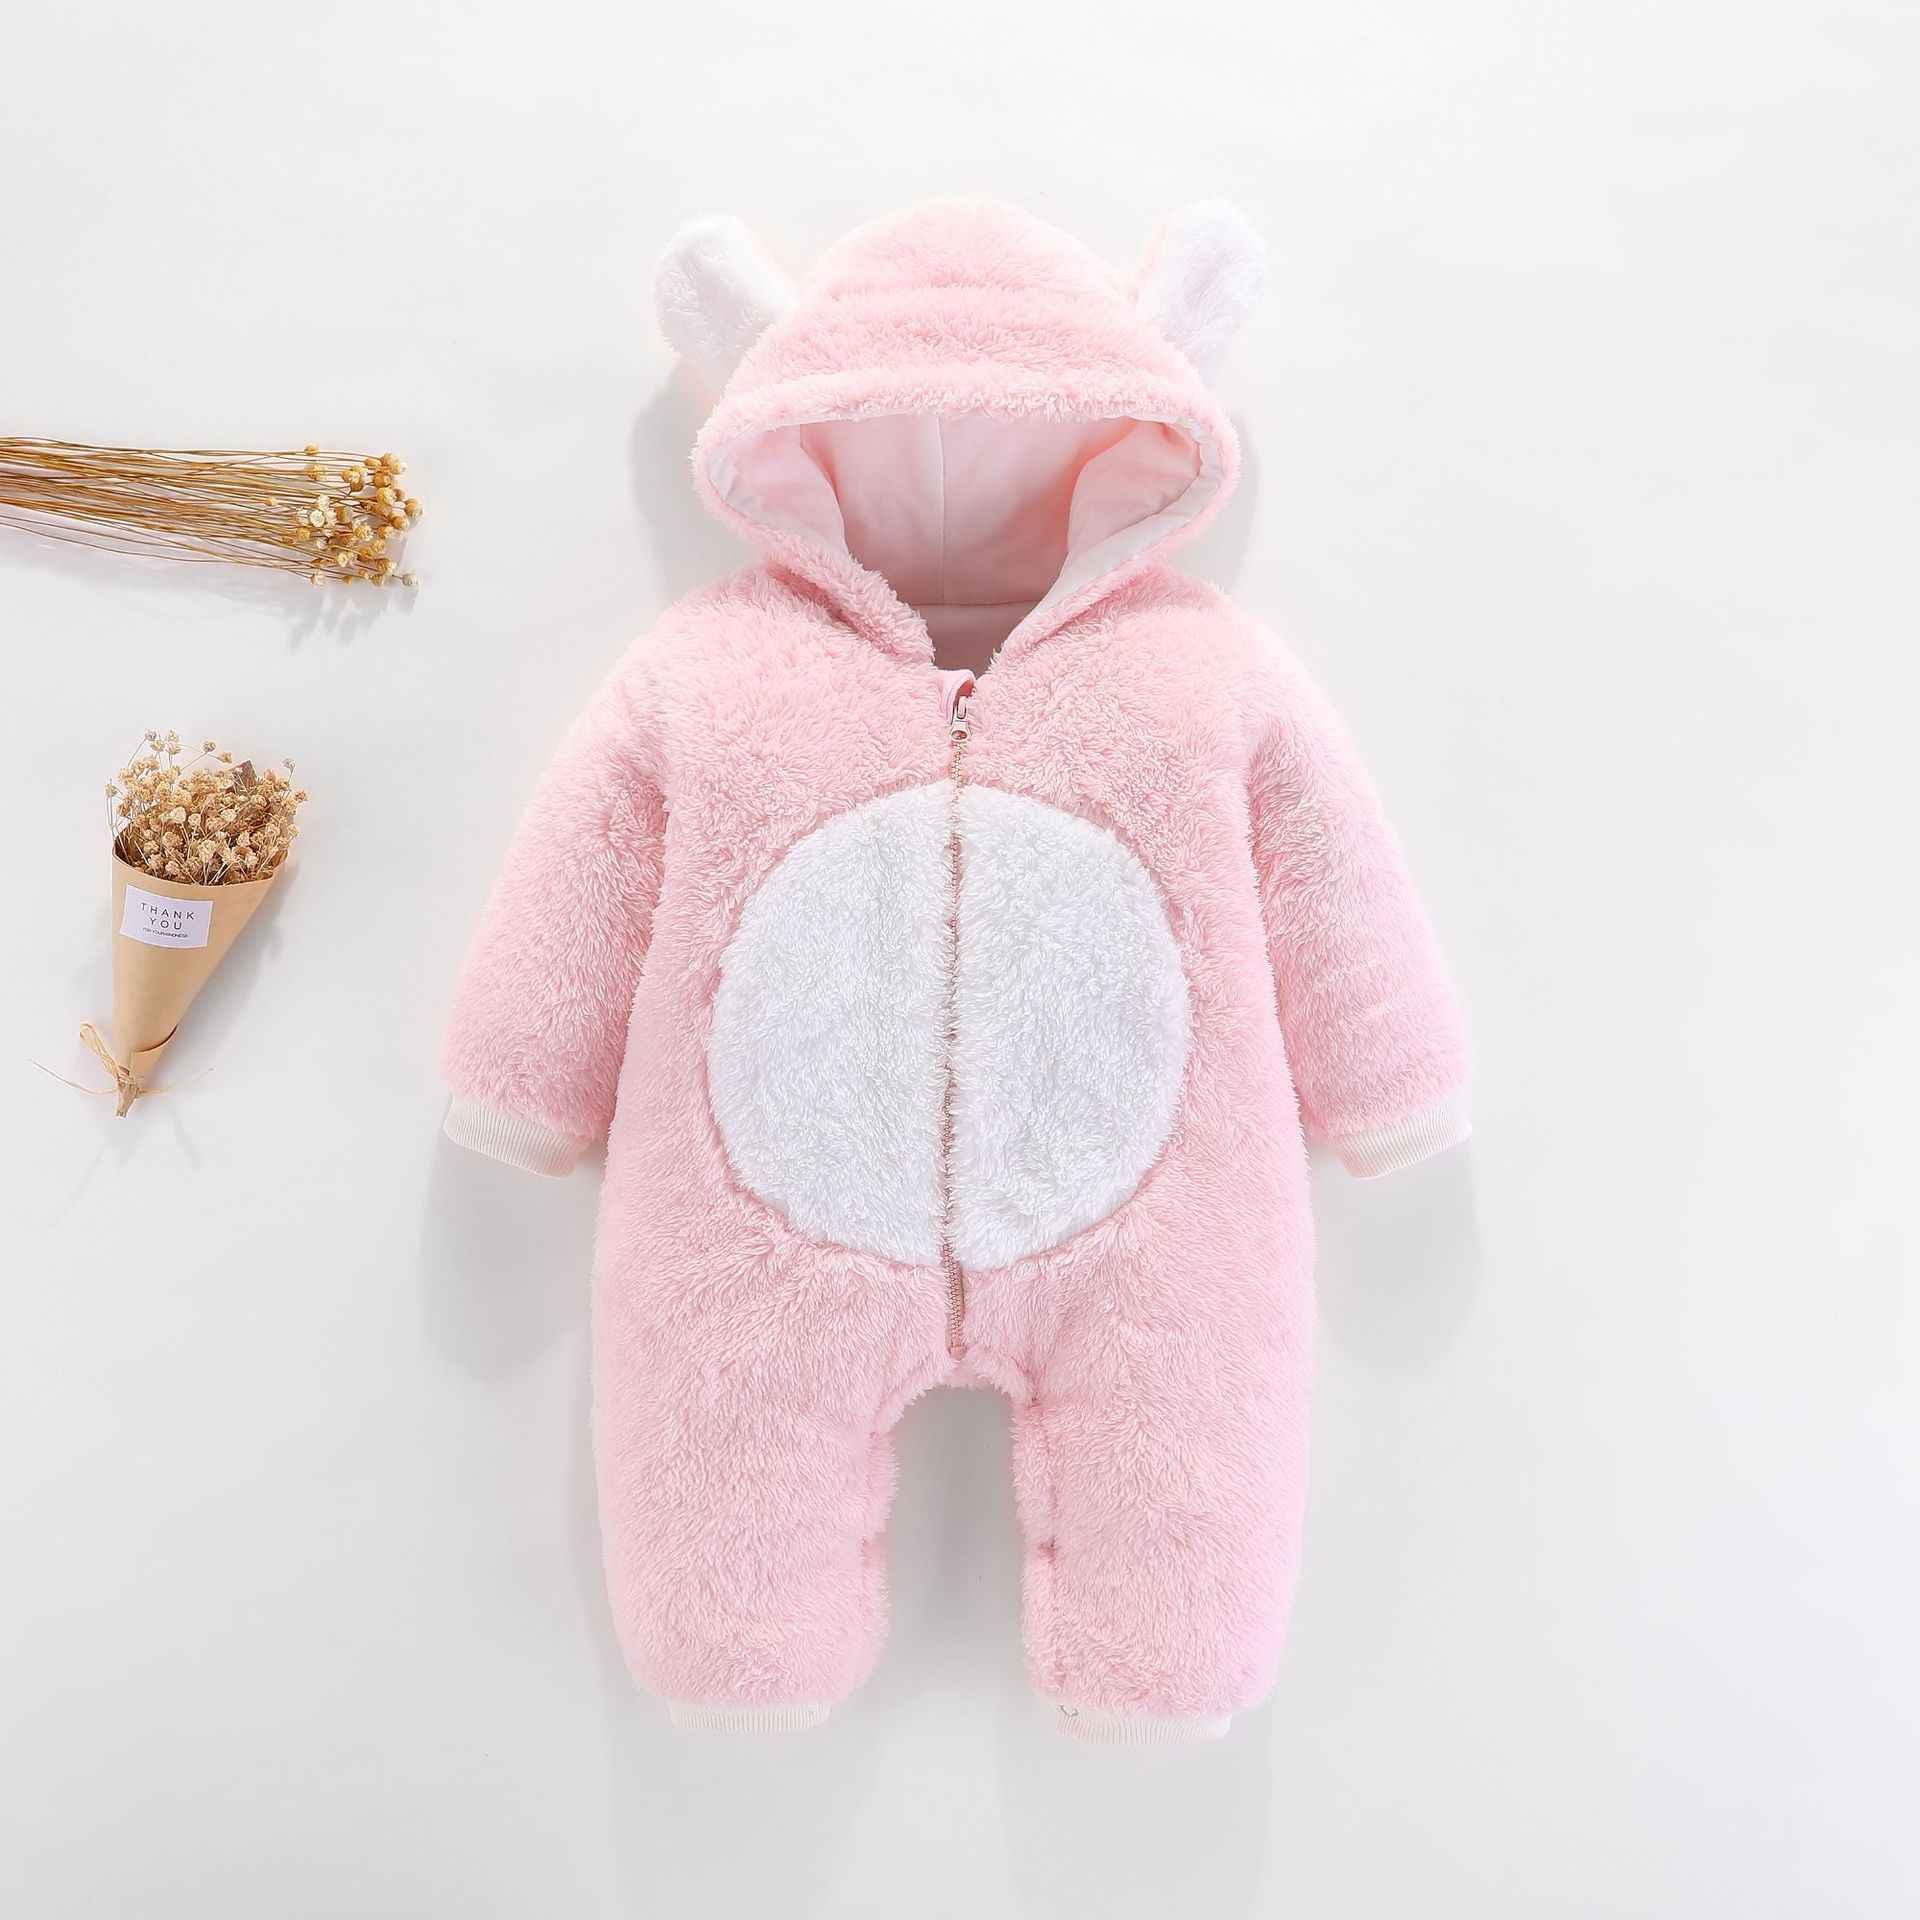 Зимний комбинезон для малышей 3-12 месяцев, милая толстовка с капюшоном, одежда для малышей, комбинезоны для новорожденных девочек и мальчиков, теплая верхняя одежда, комбинезоны